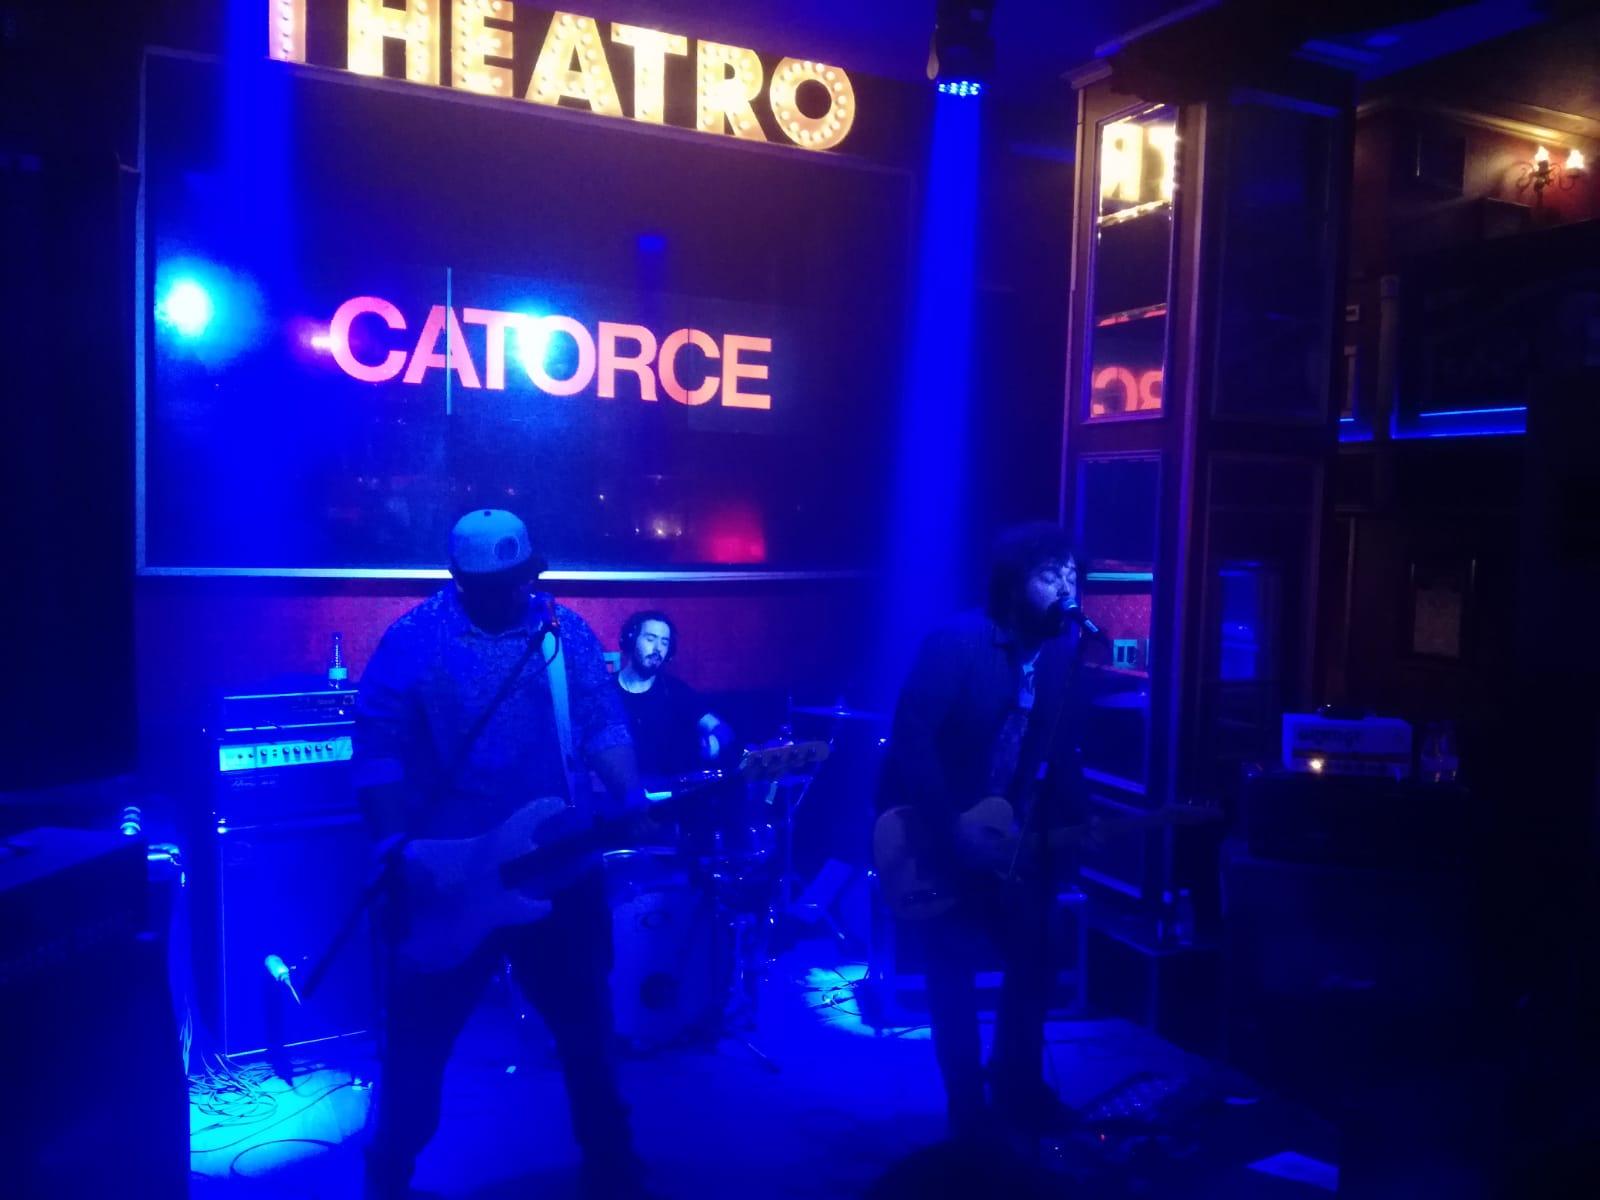 CRONICA CATORCE + VIVEN, Málaga 8 de febrero en THEATRO CLUB